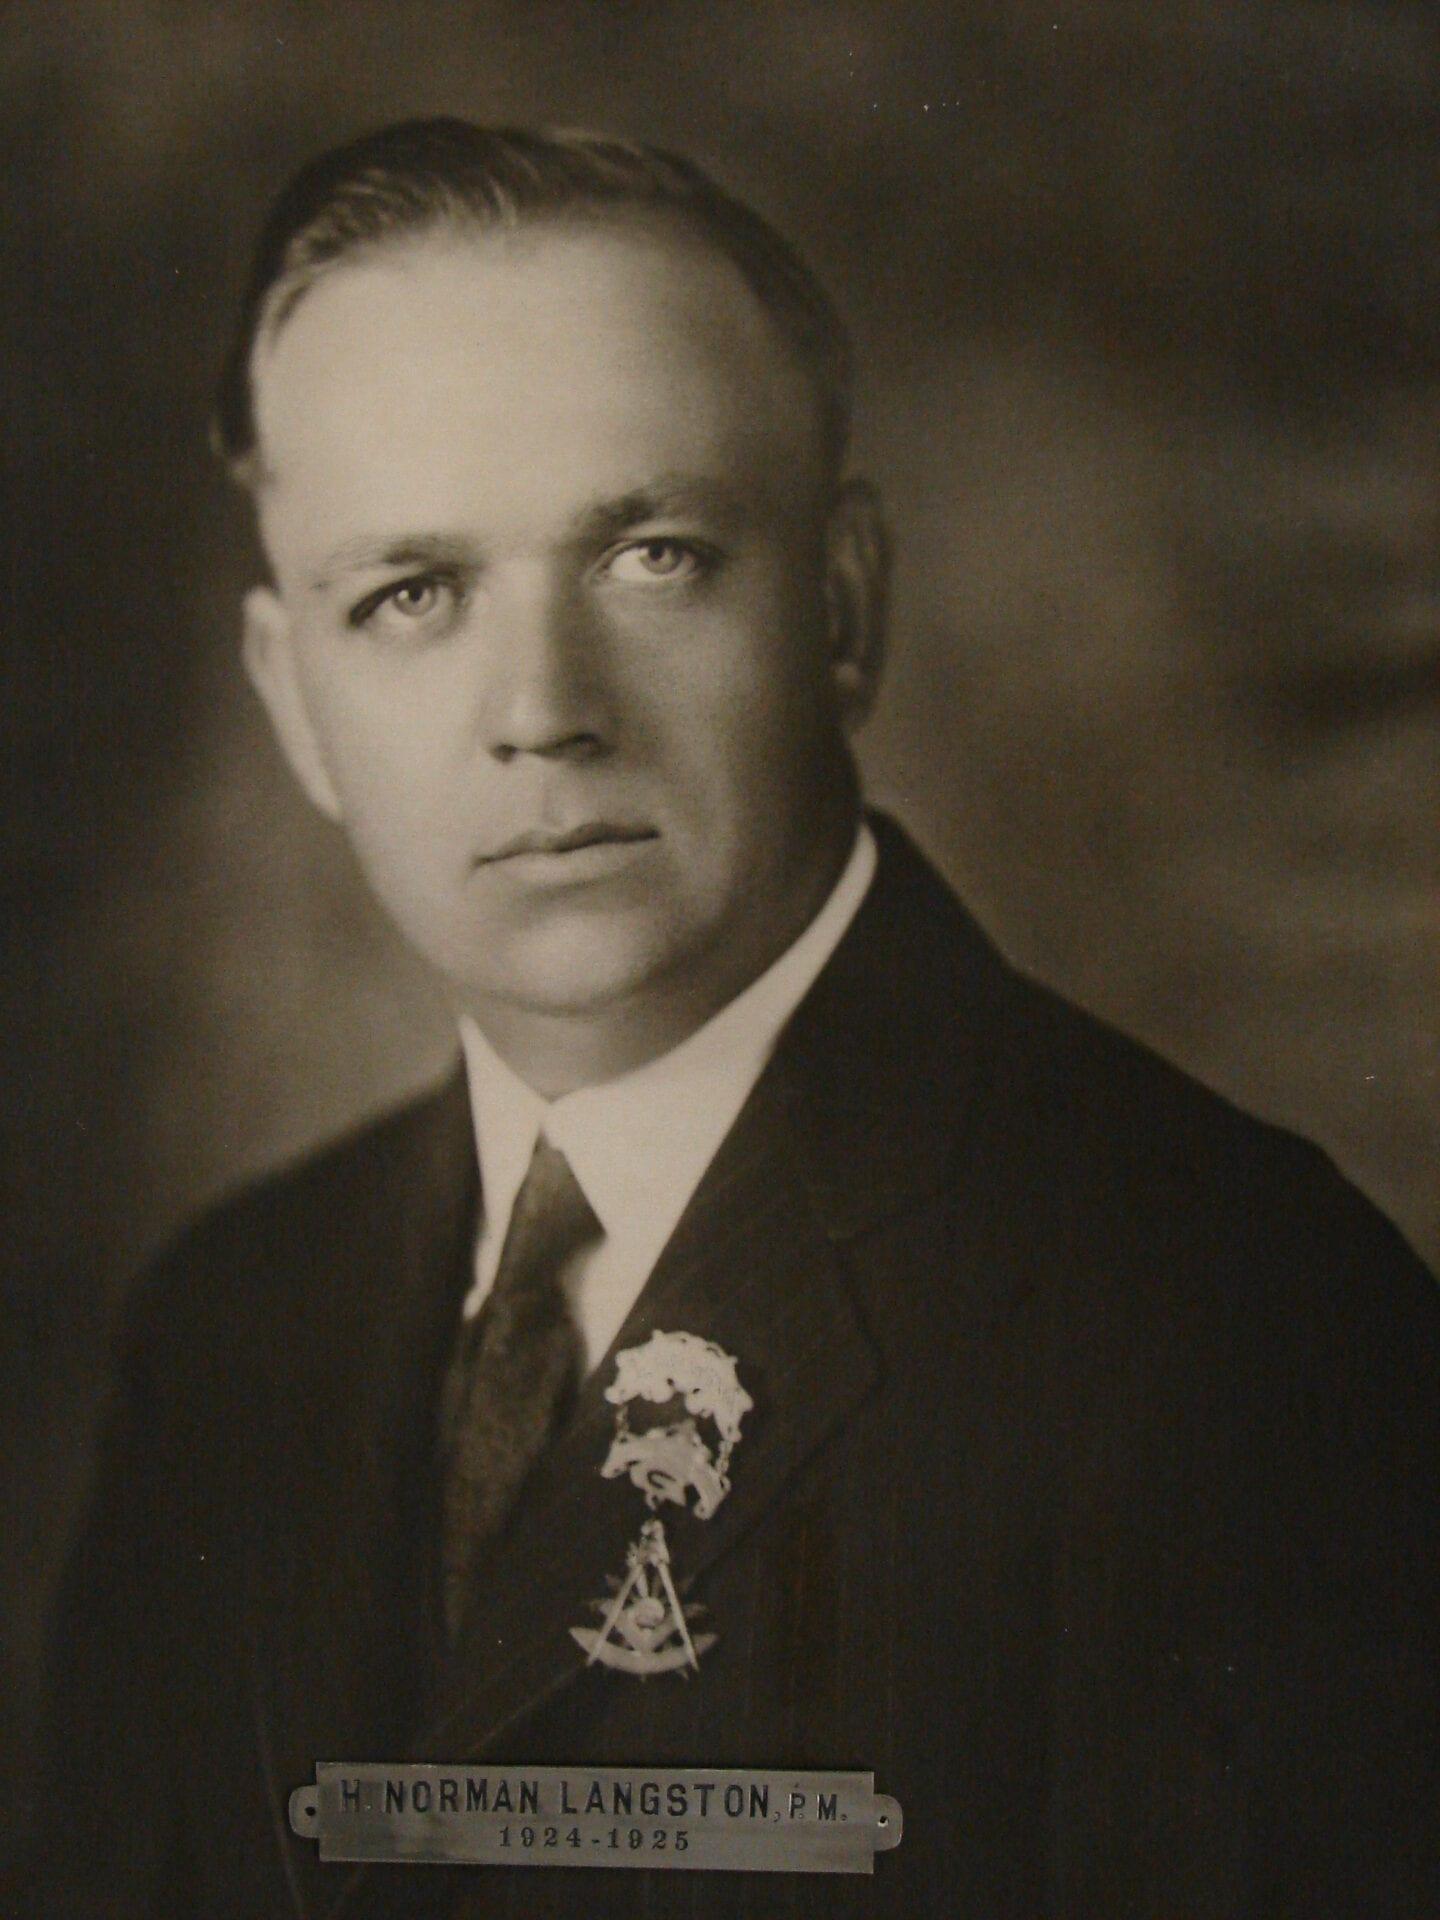 H Norman Langston